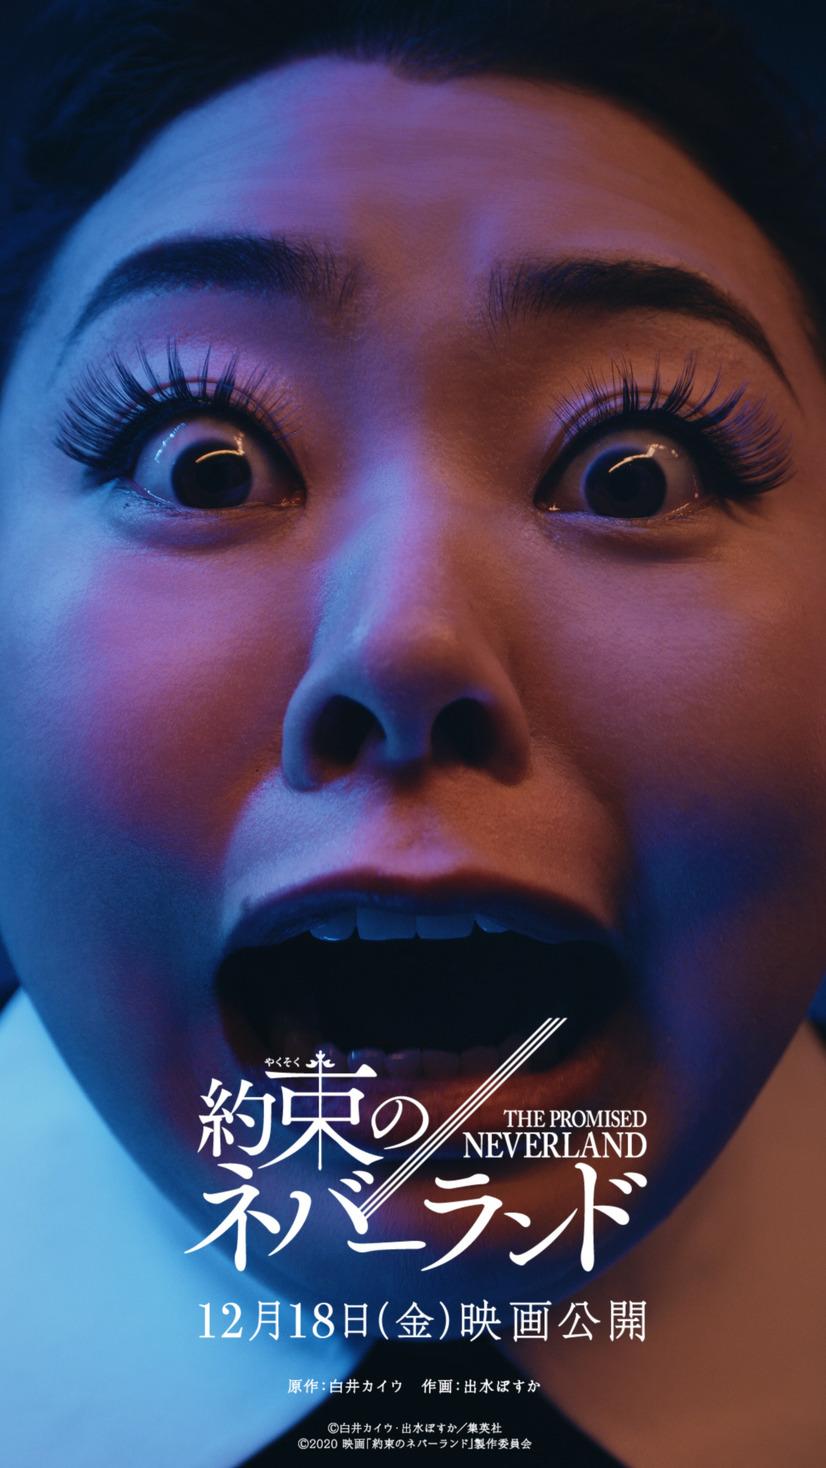 約ネバ シスター クローネ 渡辺直美 が隙間から 見ぃつけた コミックス 実写コラボが実現 18枚目の写真 画像 アニメ アニメ